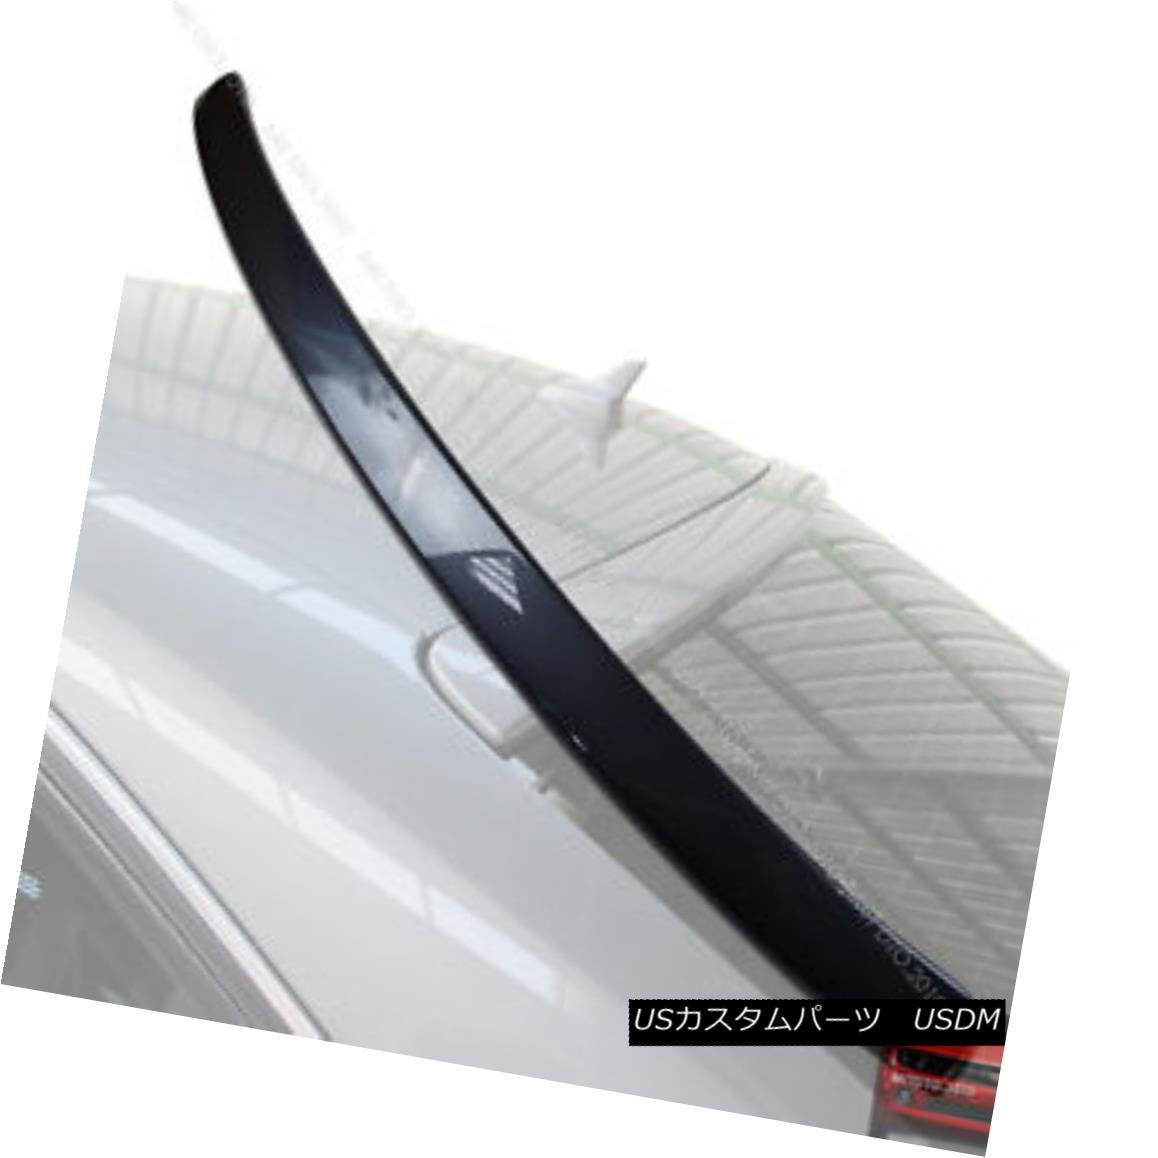 エアロパーツ Painted 10 11 AUDI A4 B8 Rear Roof Spoiler Wing LX7Z § 塗装10 11 AUDI A4 B8リアルーフスポイラーウイングLX7Z